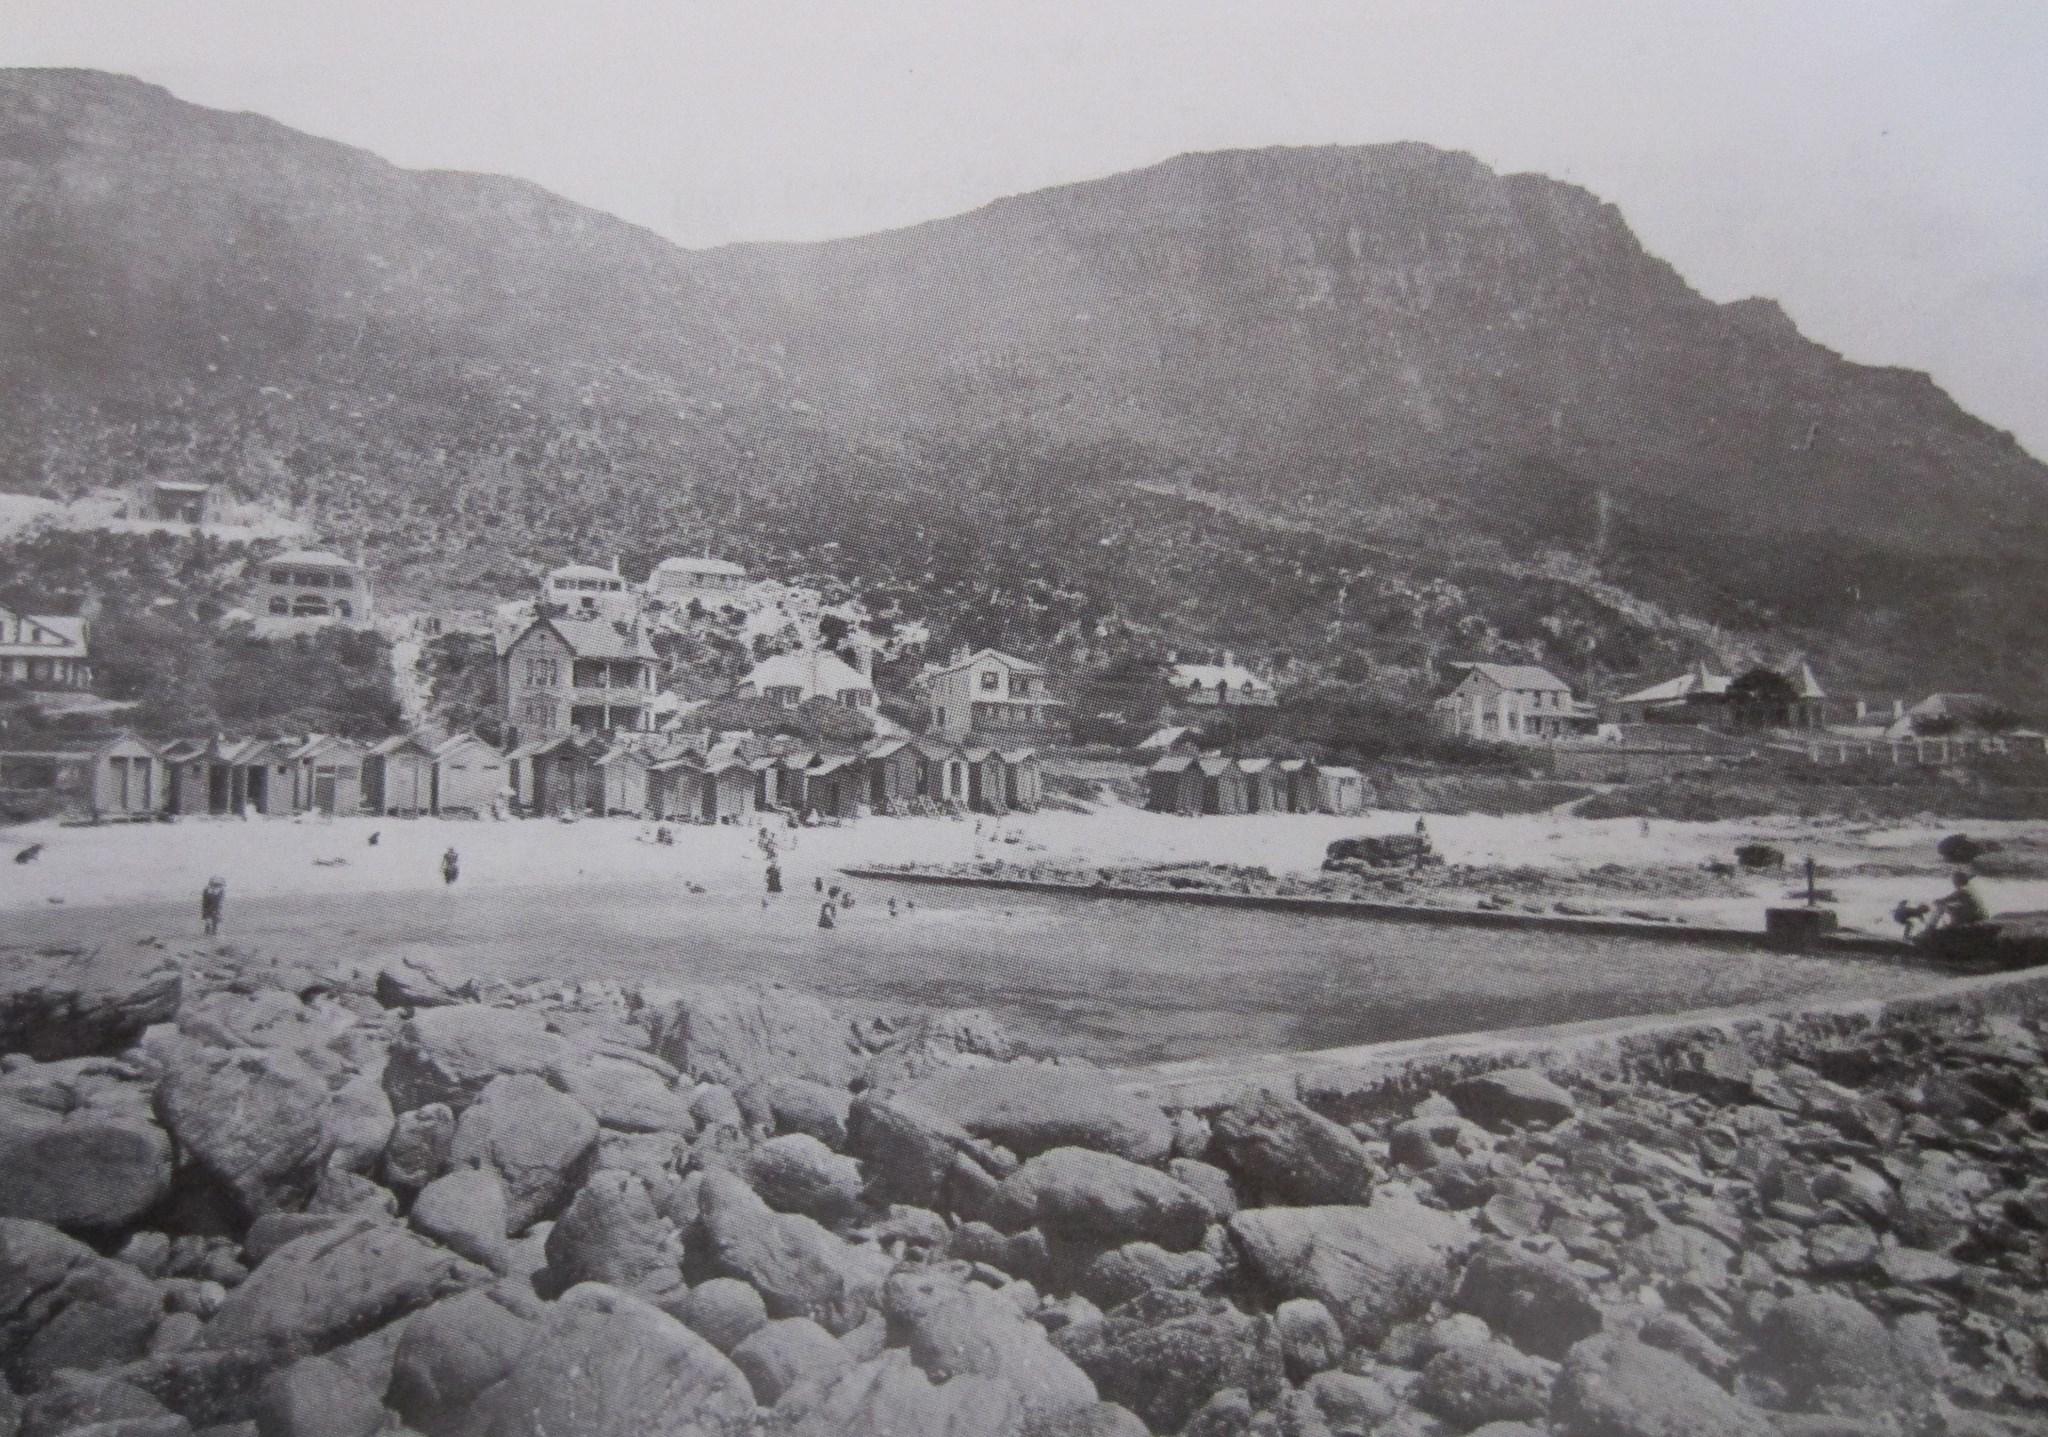 Milton Pool Sea Point, 1908